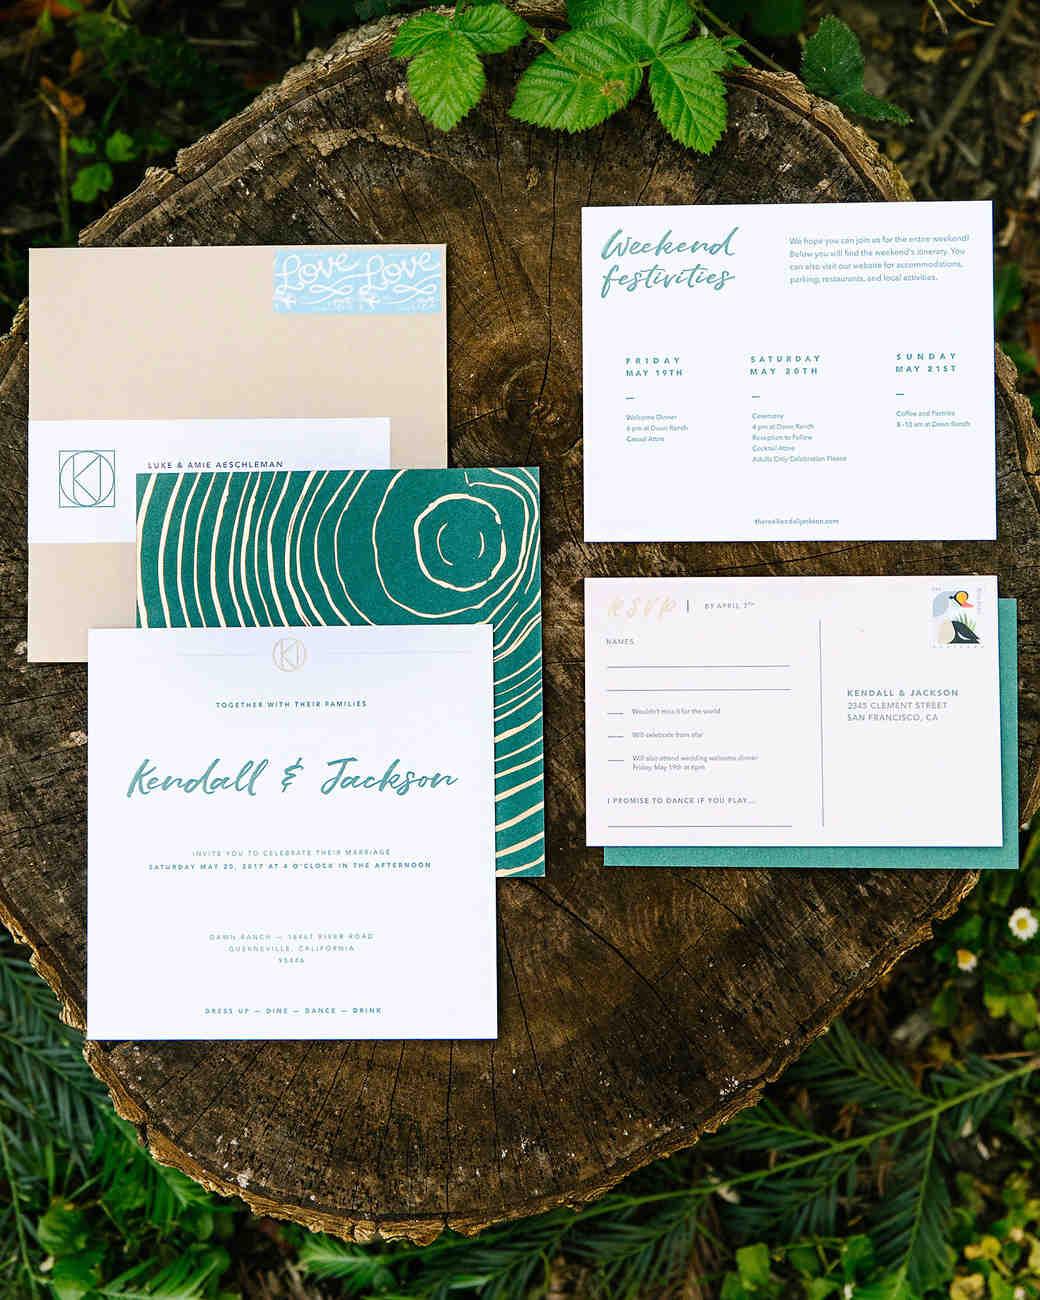 kendall jackson wedding invitation